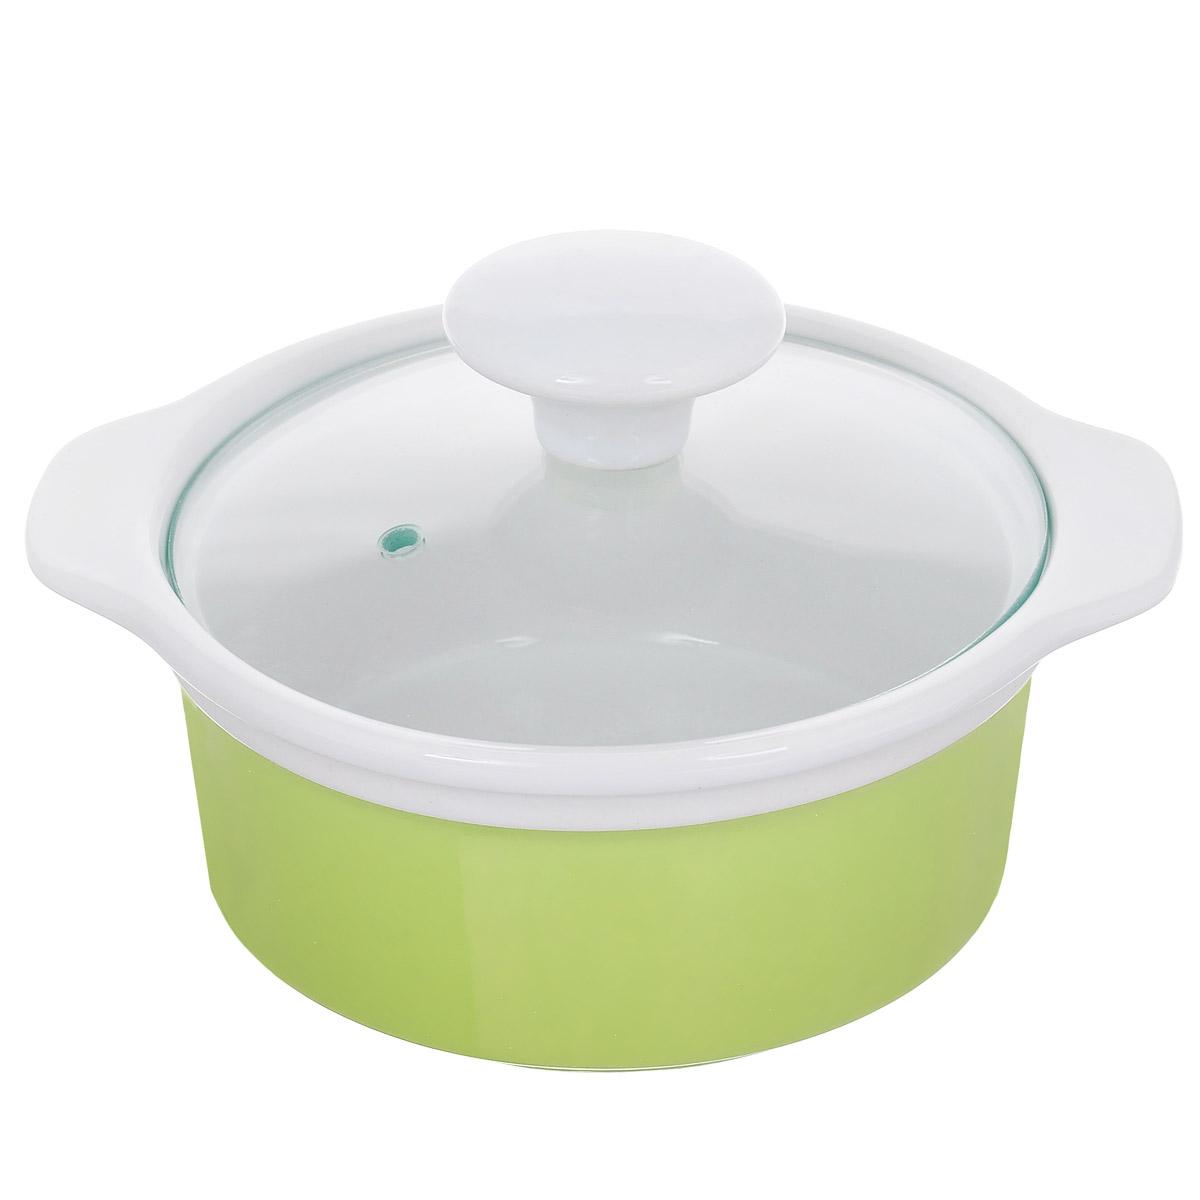 Кастрюля с крышкой, цвет: зеленый, 0,6 л. Кт CX002SCX002S-LG (F)Кастрюля выполнена из высококачественной глазурованной керамики и предназначена для запекания различных блюд. Крышка кастрюли изготовлена из стекла с керамической ручкой и отверстием для пара. Можно мыть в посудомоечной машине и использовать в духовом шкафу. Не пригодна для использования на газовой плите. Это идеальный подарок для современных хозяек, которые следят за своим здоровьем и здоровьем своей семьи. Эргономичный дизайн и функциональность позволят вам наслаждаться процессом приготовления любимых, полезных для здоровья блюд. Внутренний диаметр: 12 см. Ширина (с учетом ручек) 17,5 см. Высота стенки: 6,7 см.